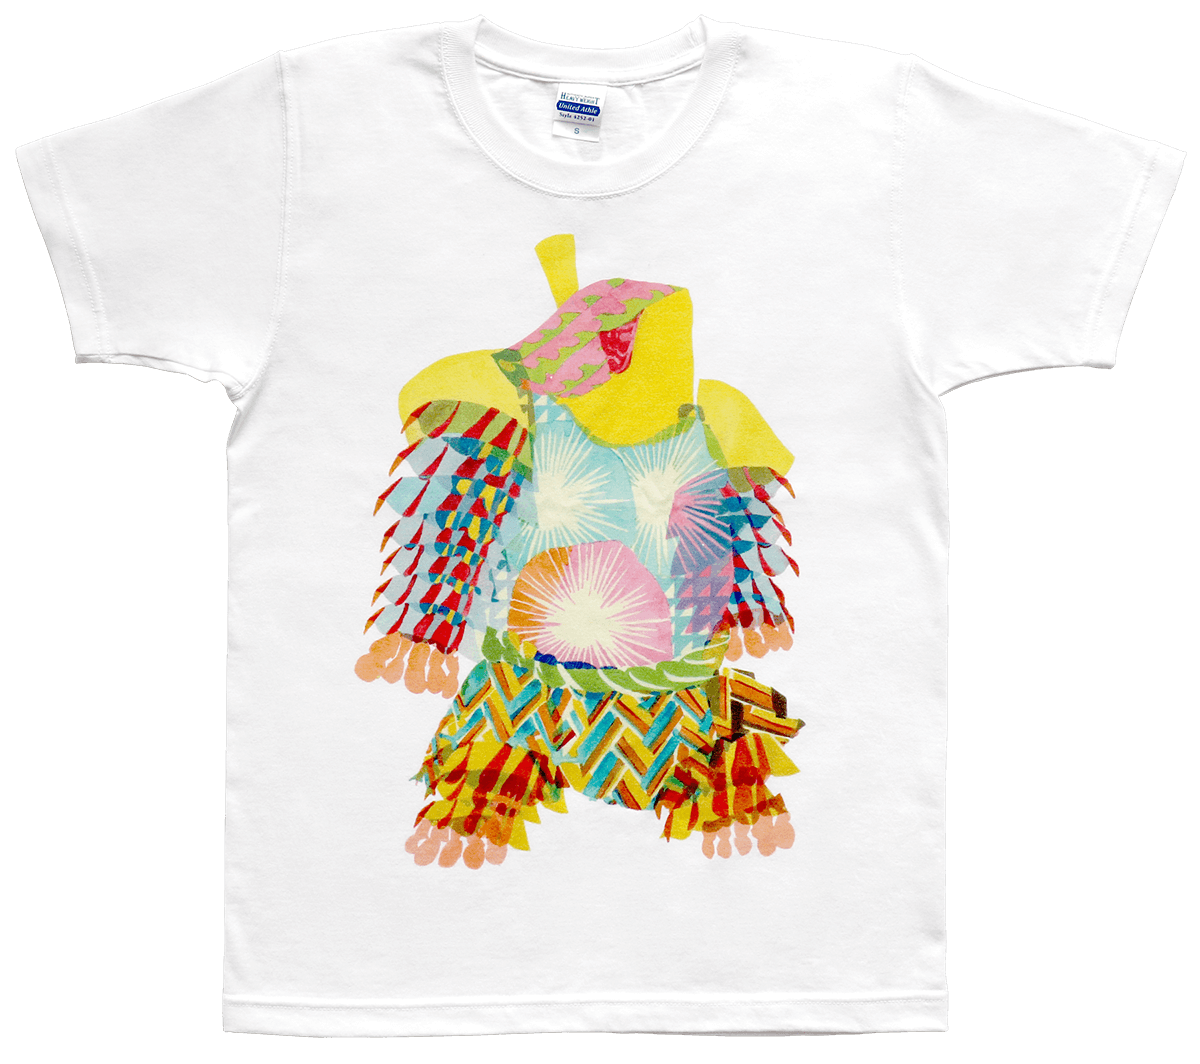 道祖神イラストTシャツ Type.a 商品画像